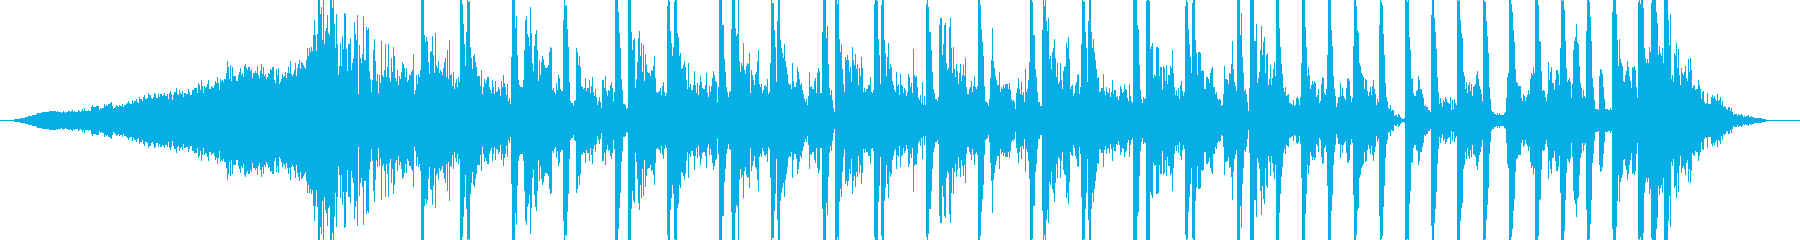 インパクトのあるCMに最適なテクスチャ曲の再生済みの波形